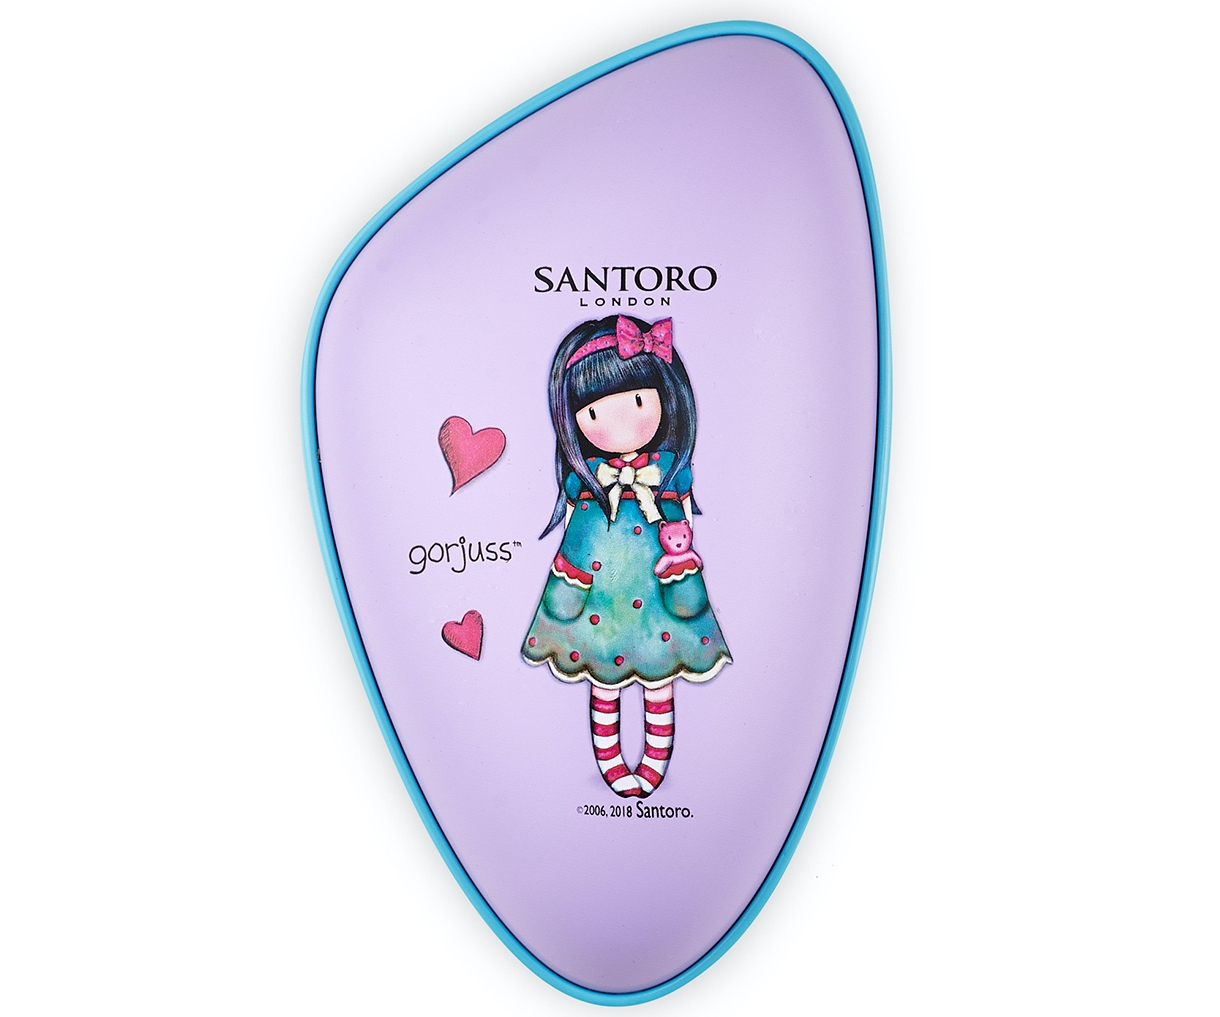 Rozčesávací kartáč na vlasy Dessata Santoro - fialový (31195) + DÁREK ZDARMA